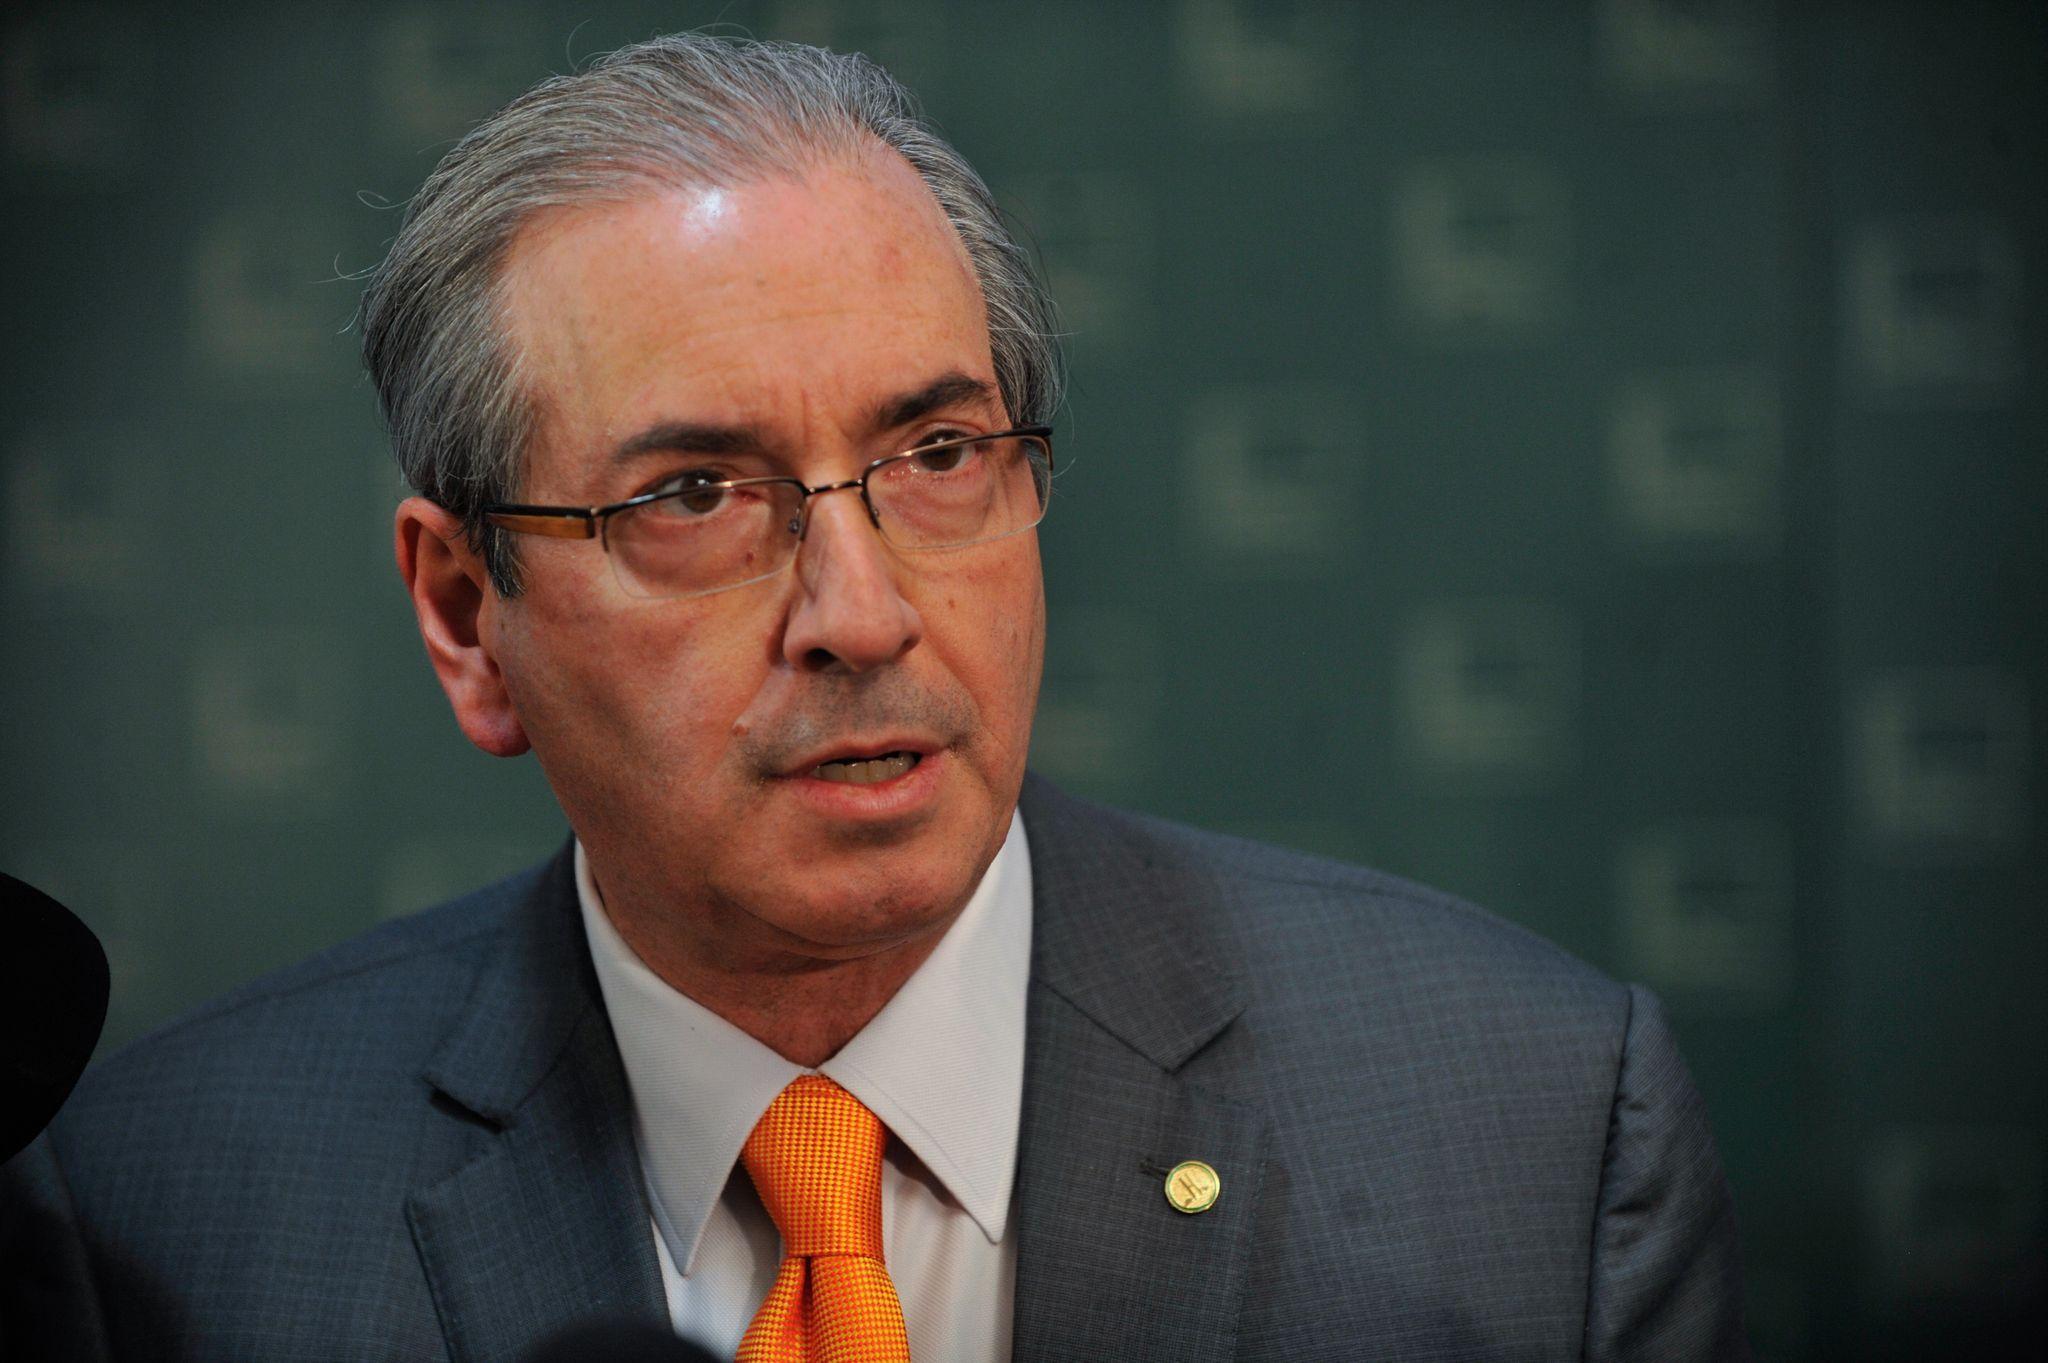 Cidadão comum não pode usar MS para questionar benefícios a Eduardo Cunha